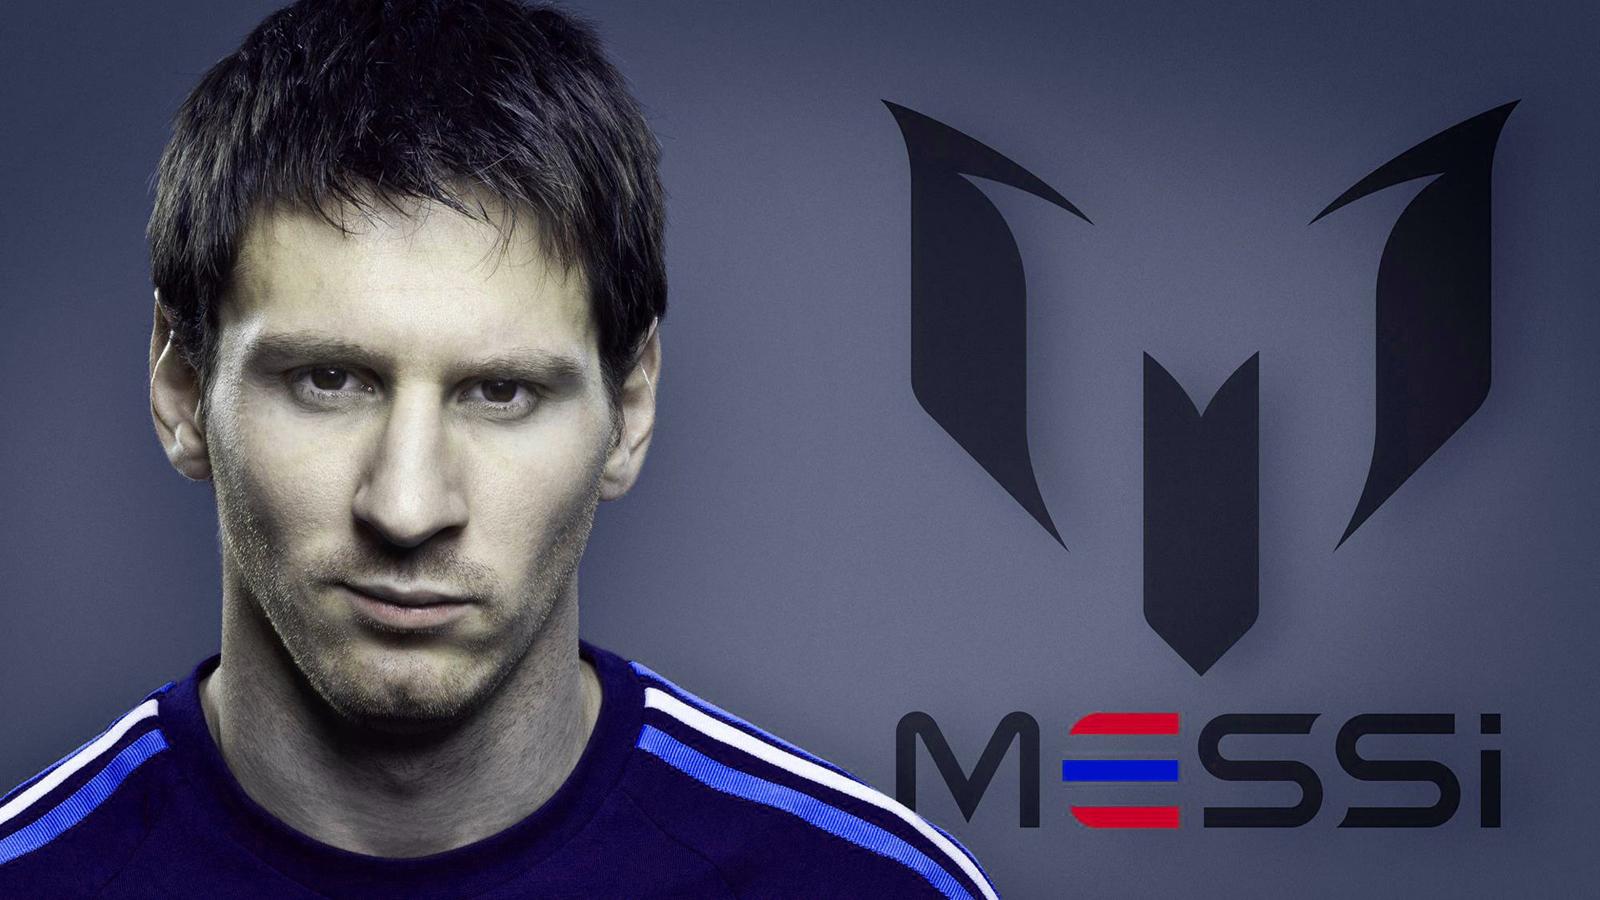 Saking Hebatnya, Messi Juga Mampu Gemilang di Dunia Tenis